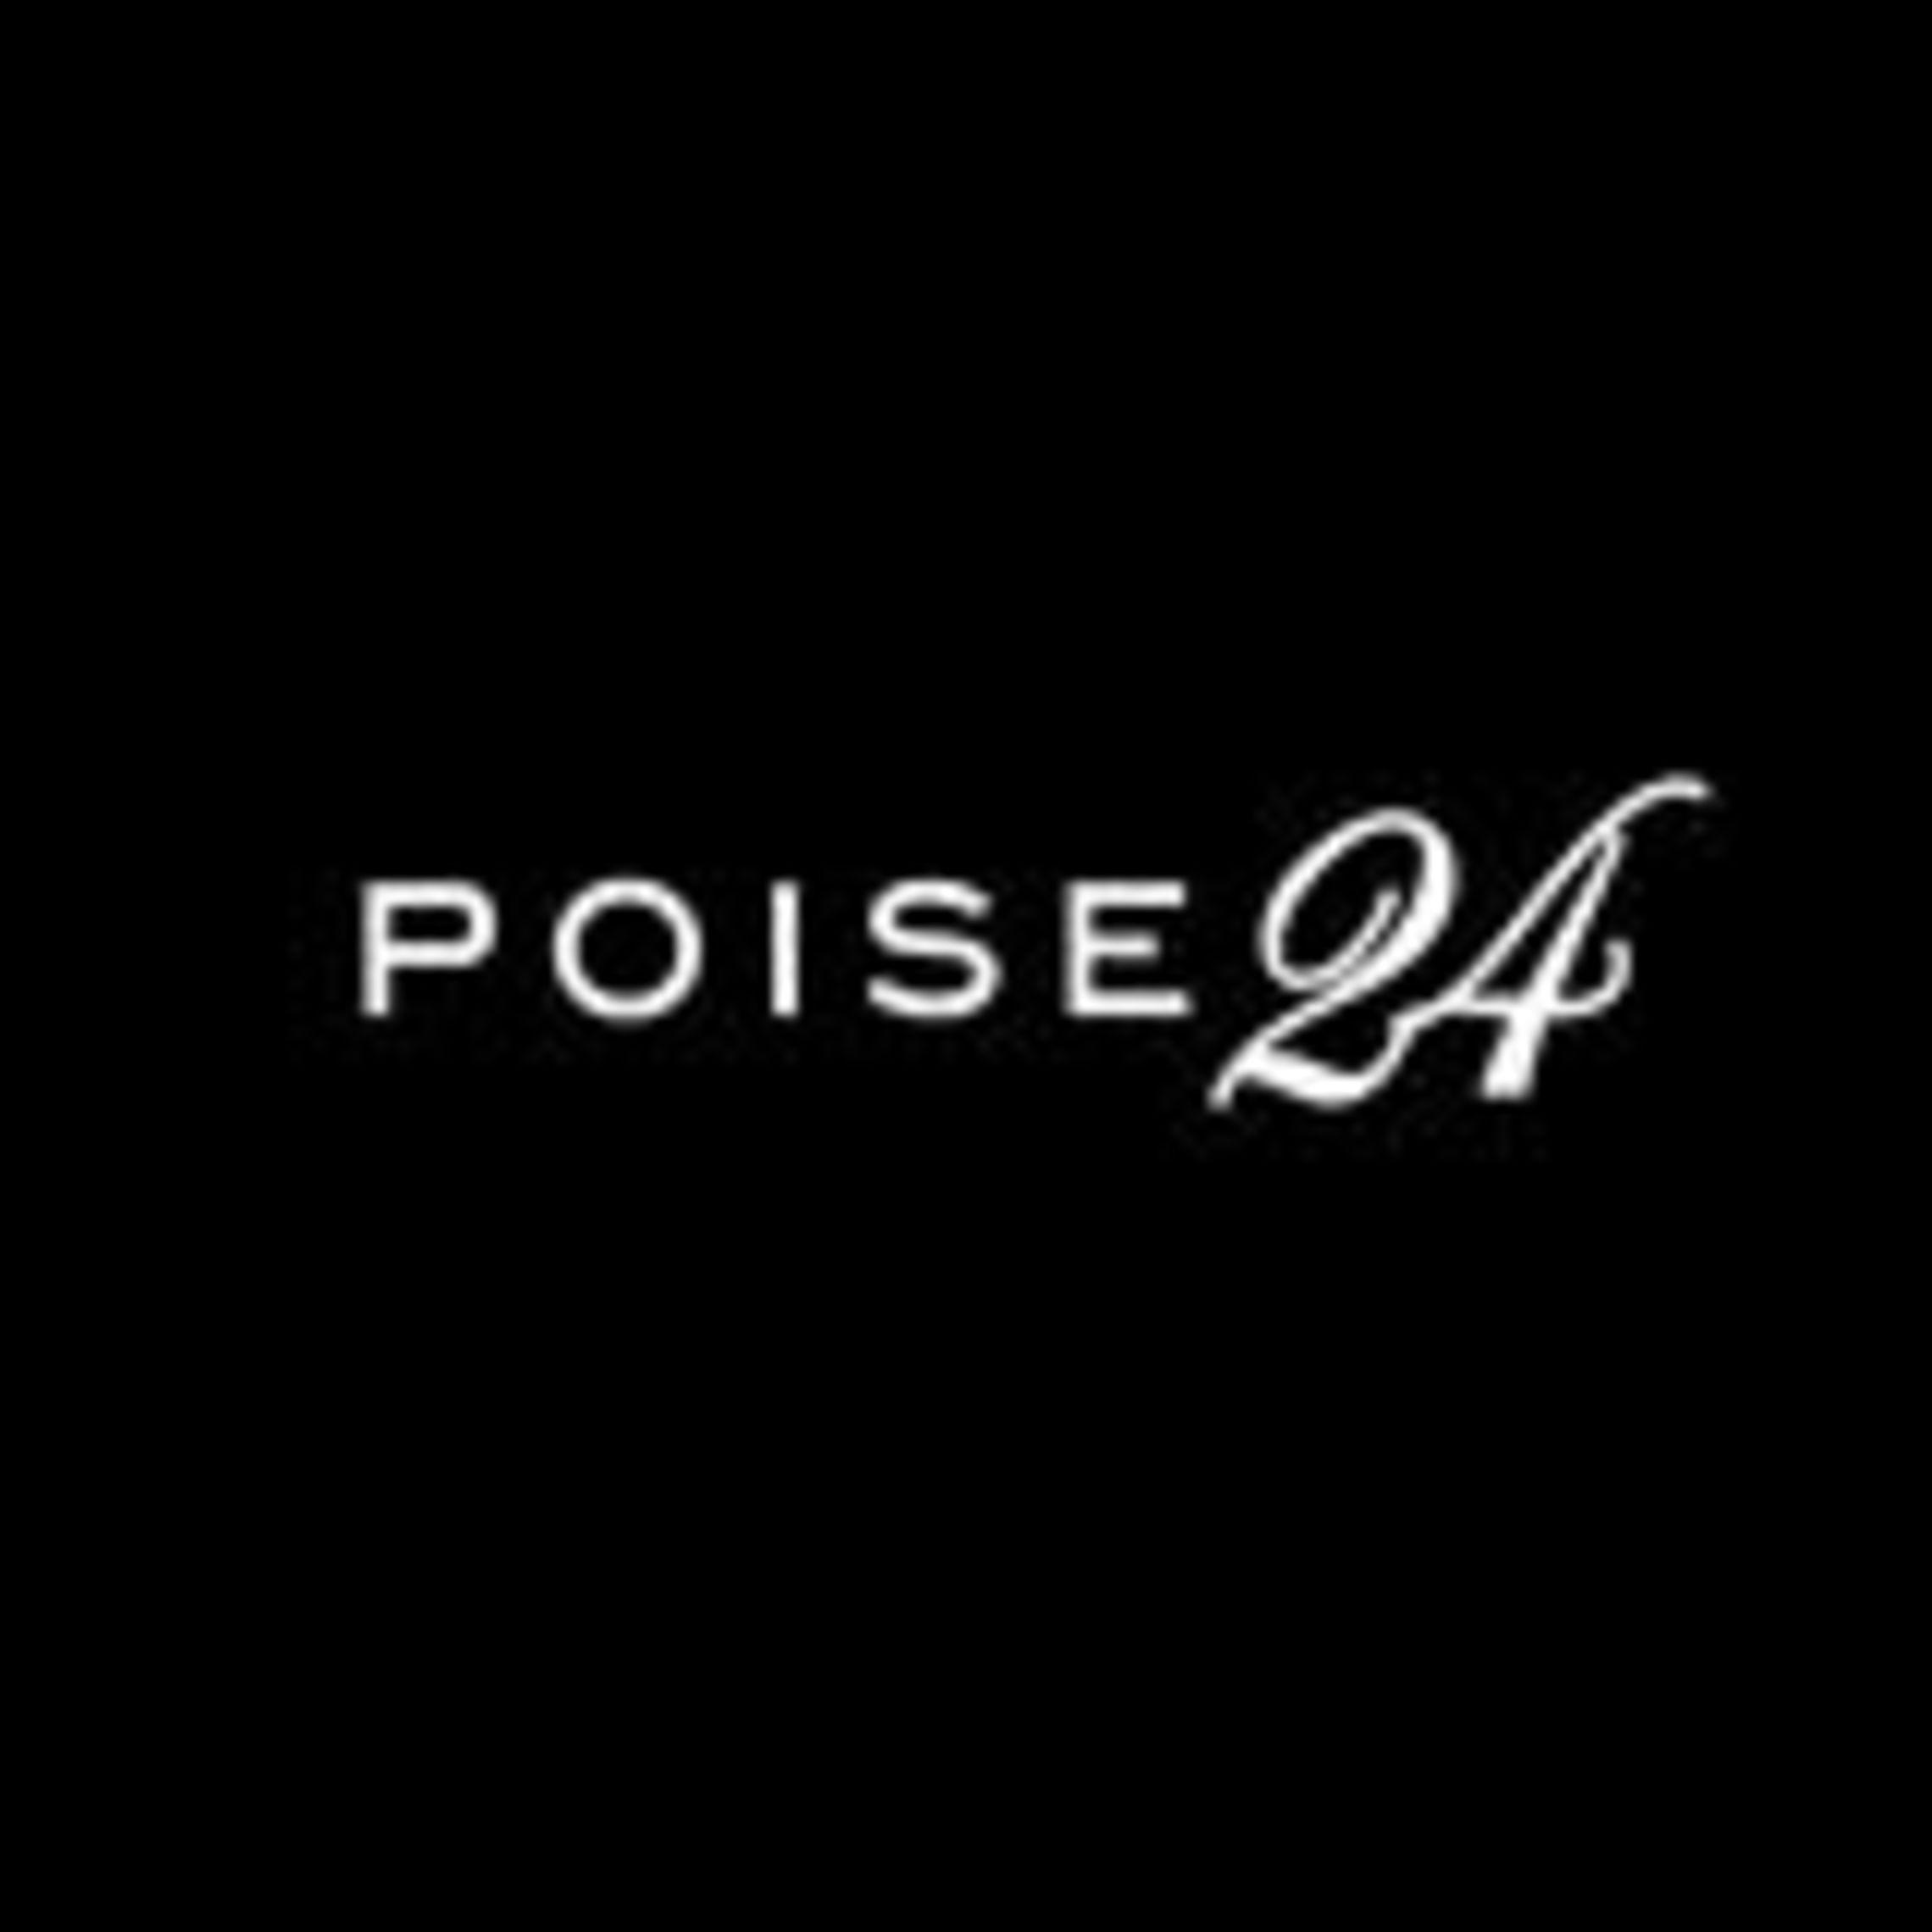 poise24- company logo